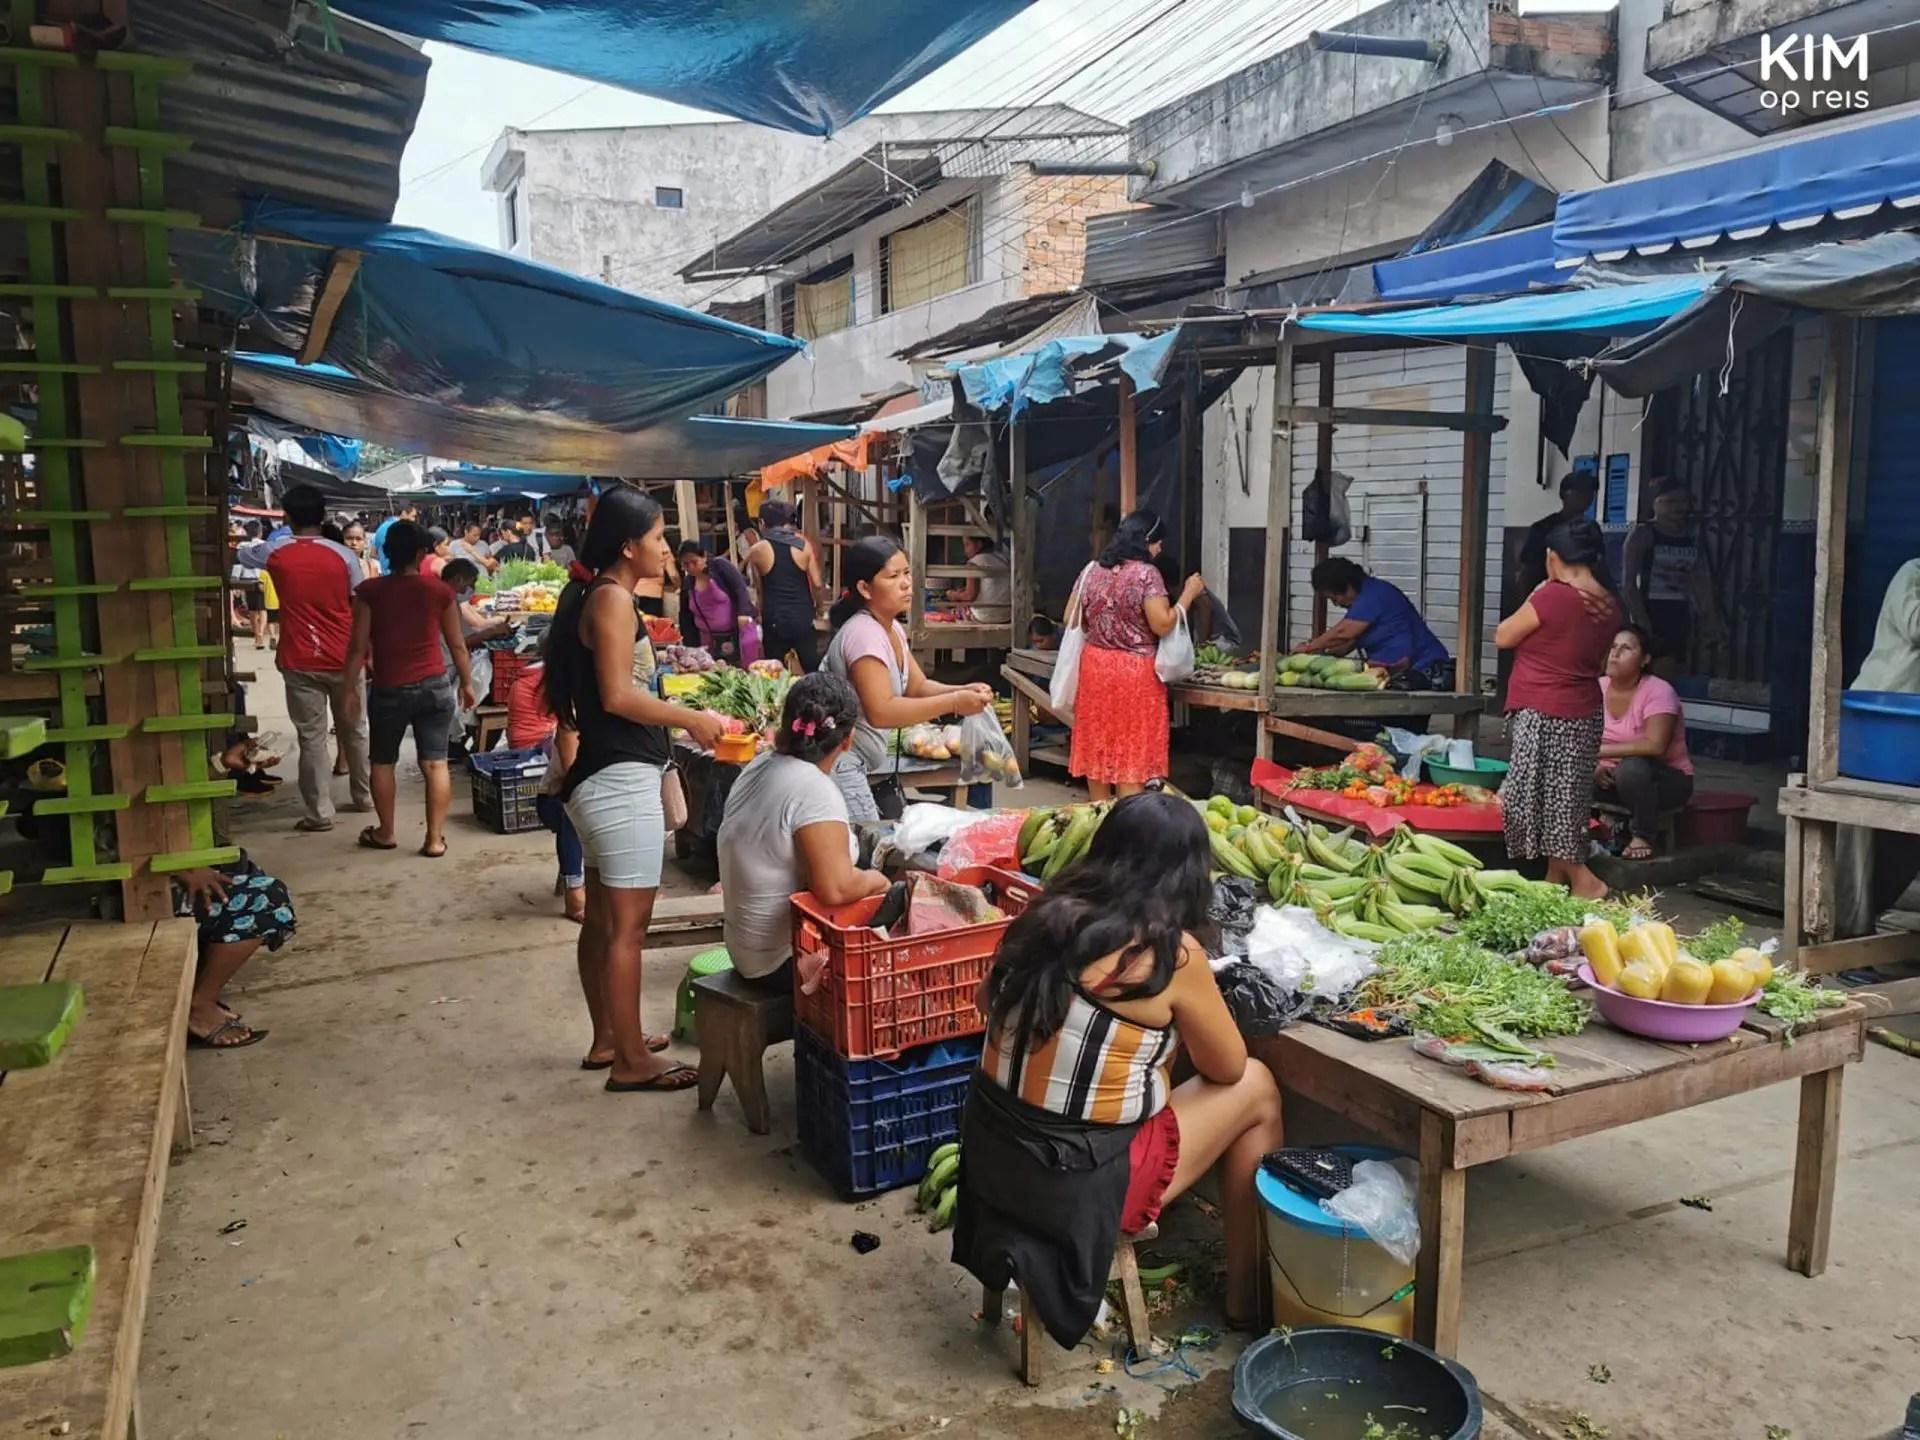 Gestrand in Jungle Peru markt Nauta